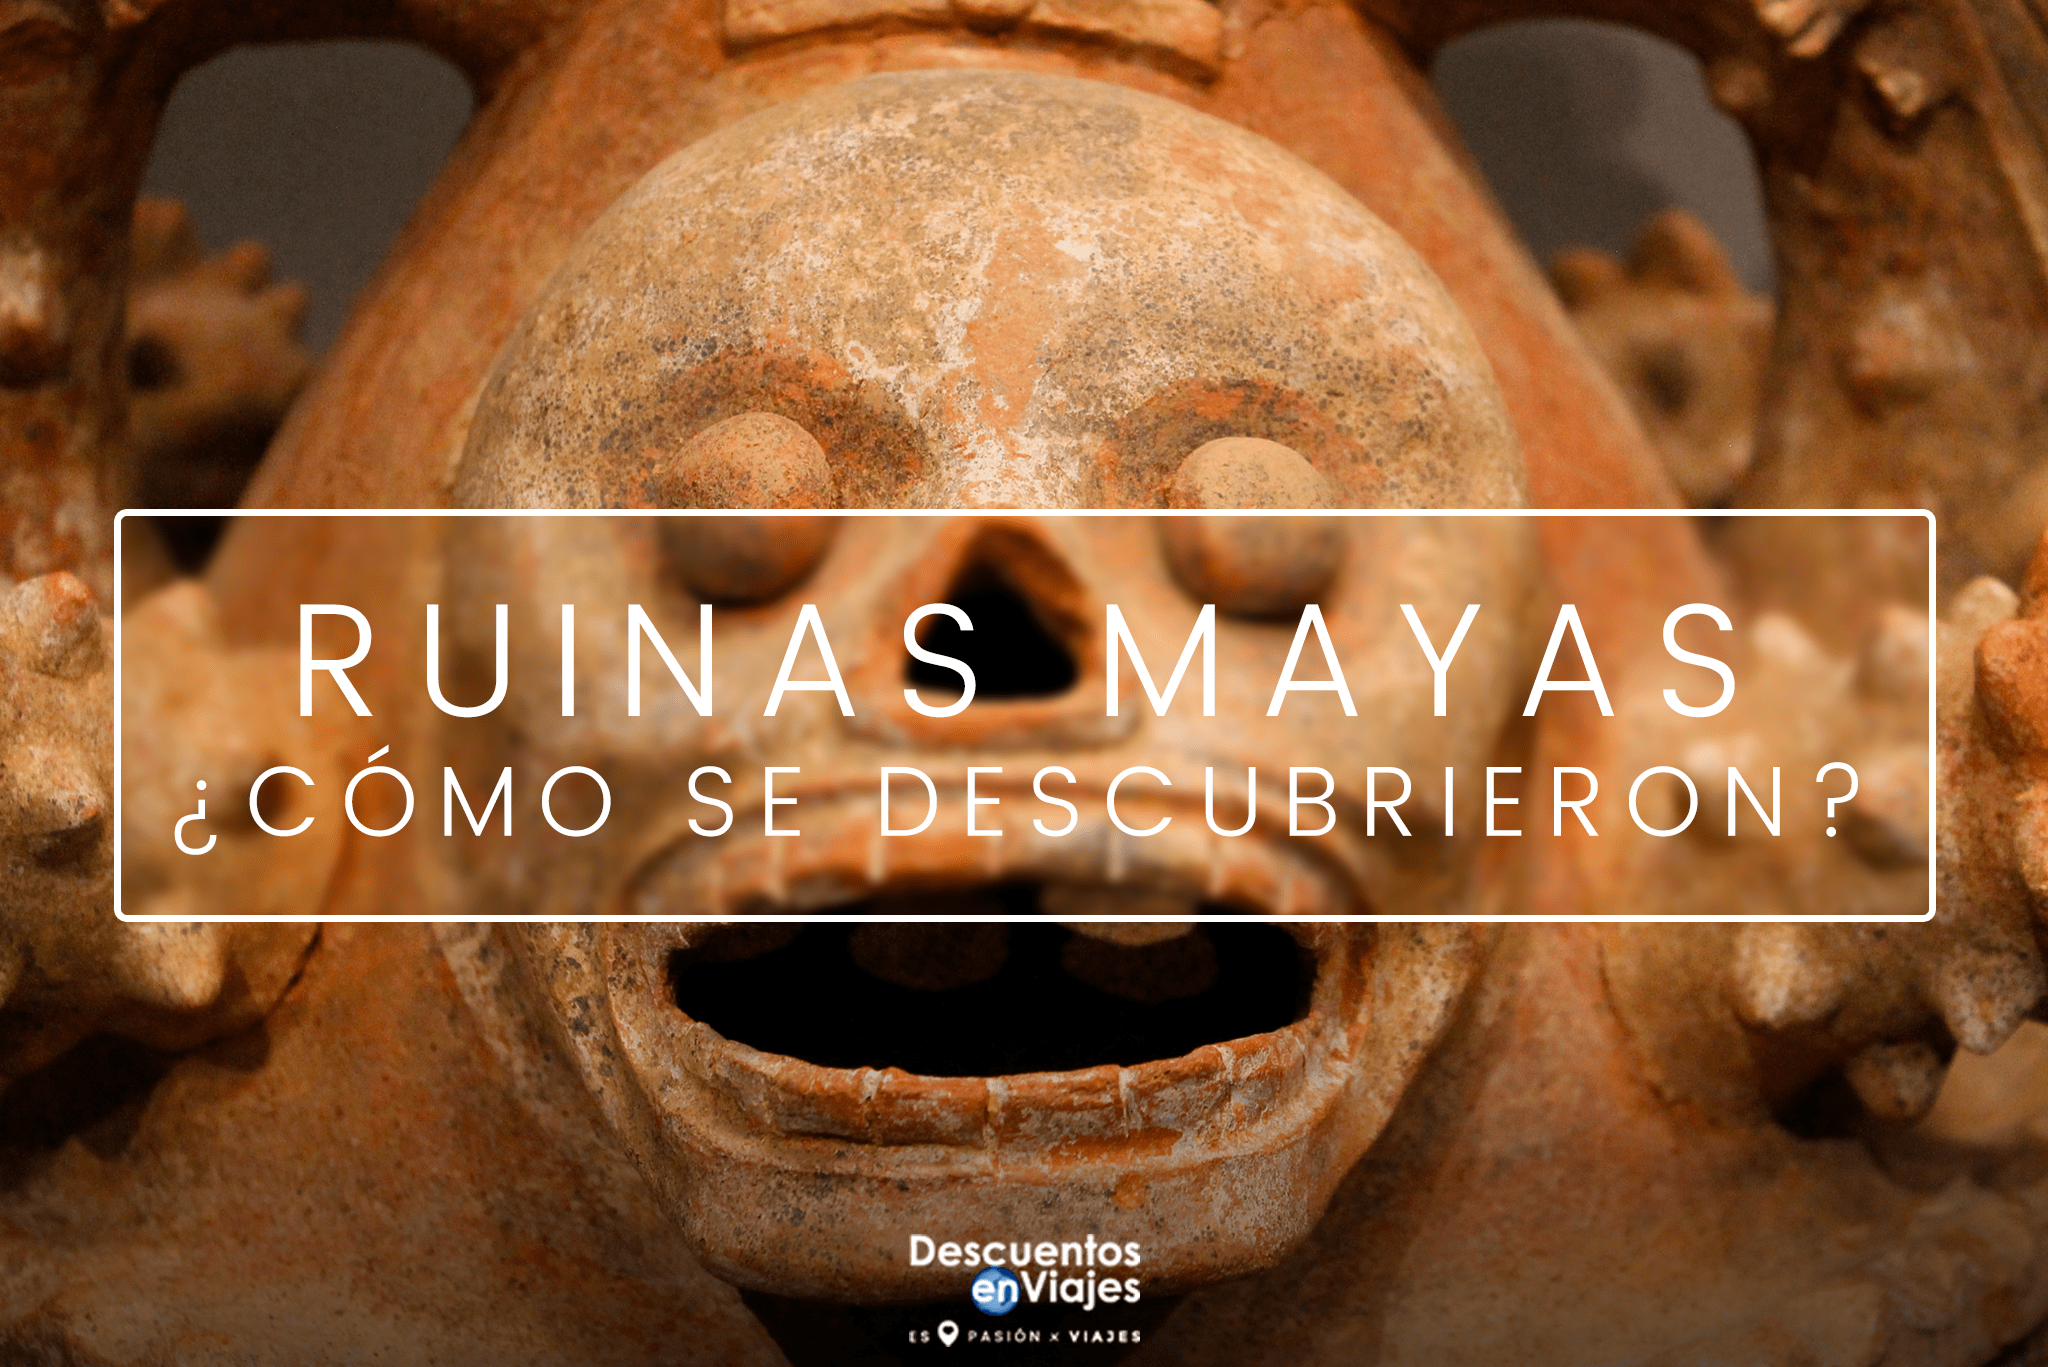 ruinas mayas descuentos viajes